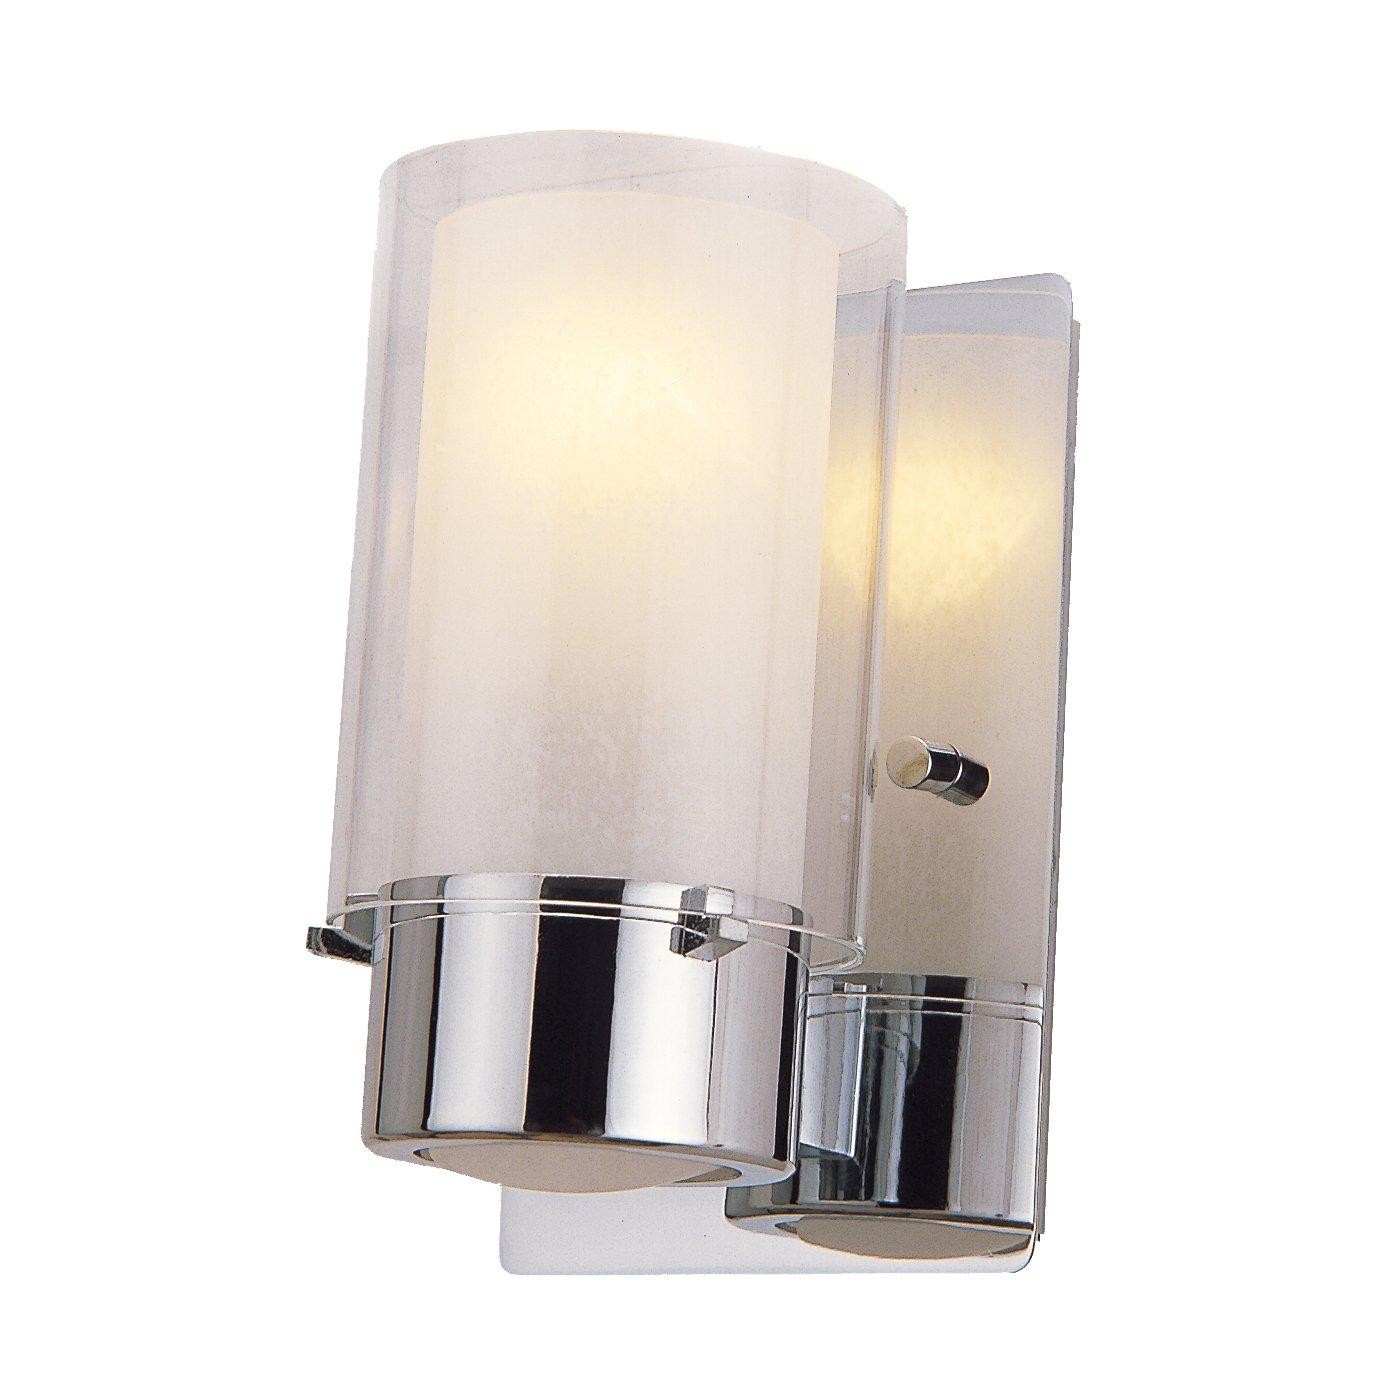 Sconce Bathroom Democraciaejustica - Chrome bathroom sconce lights